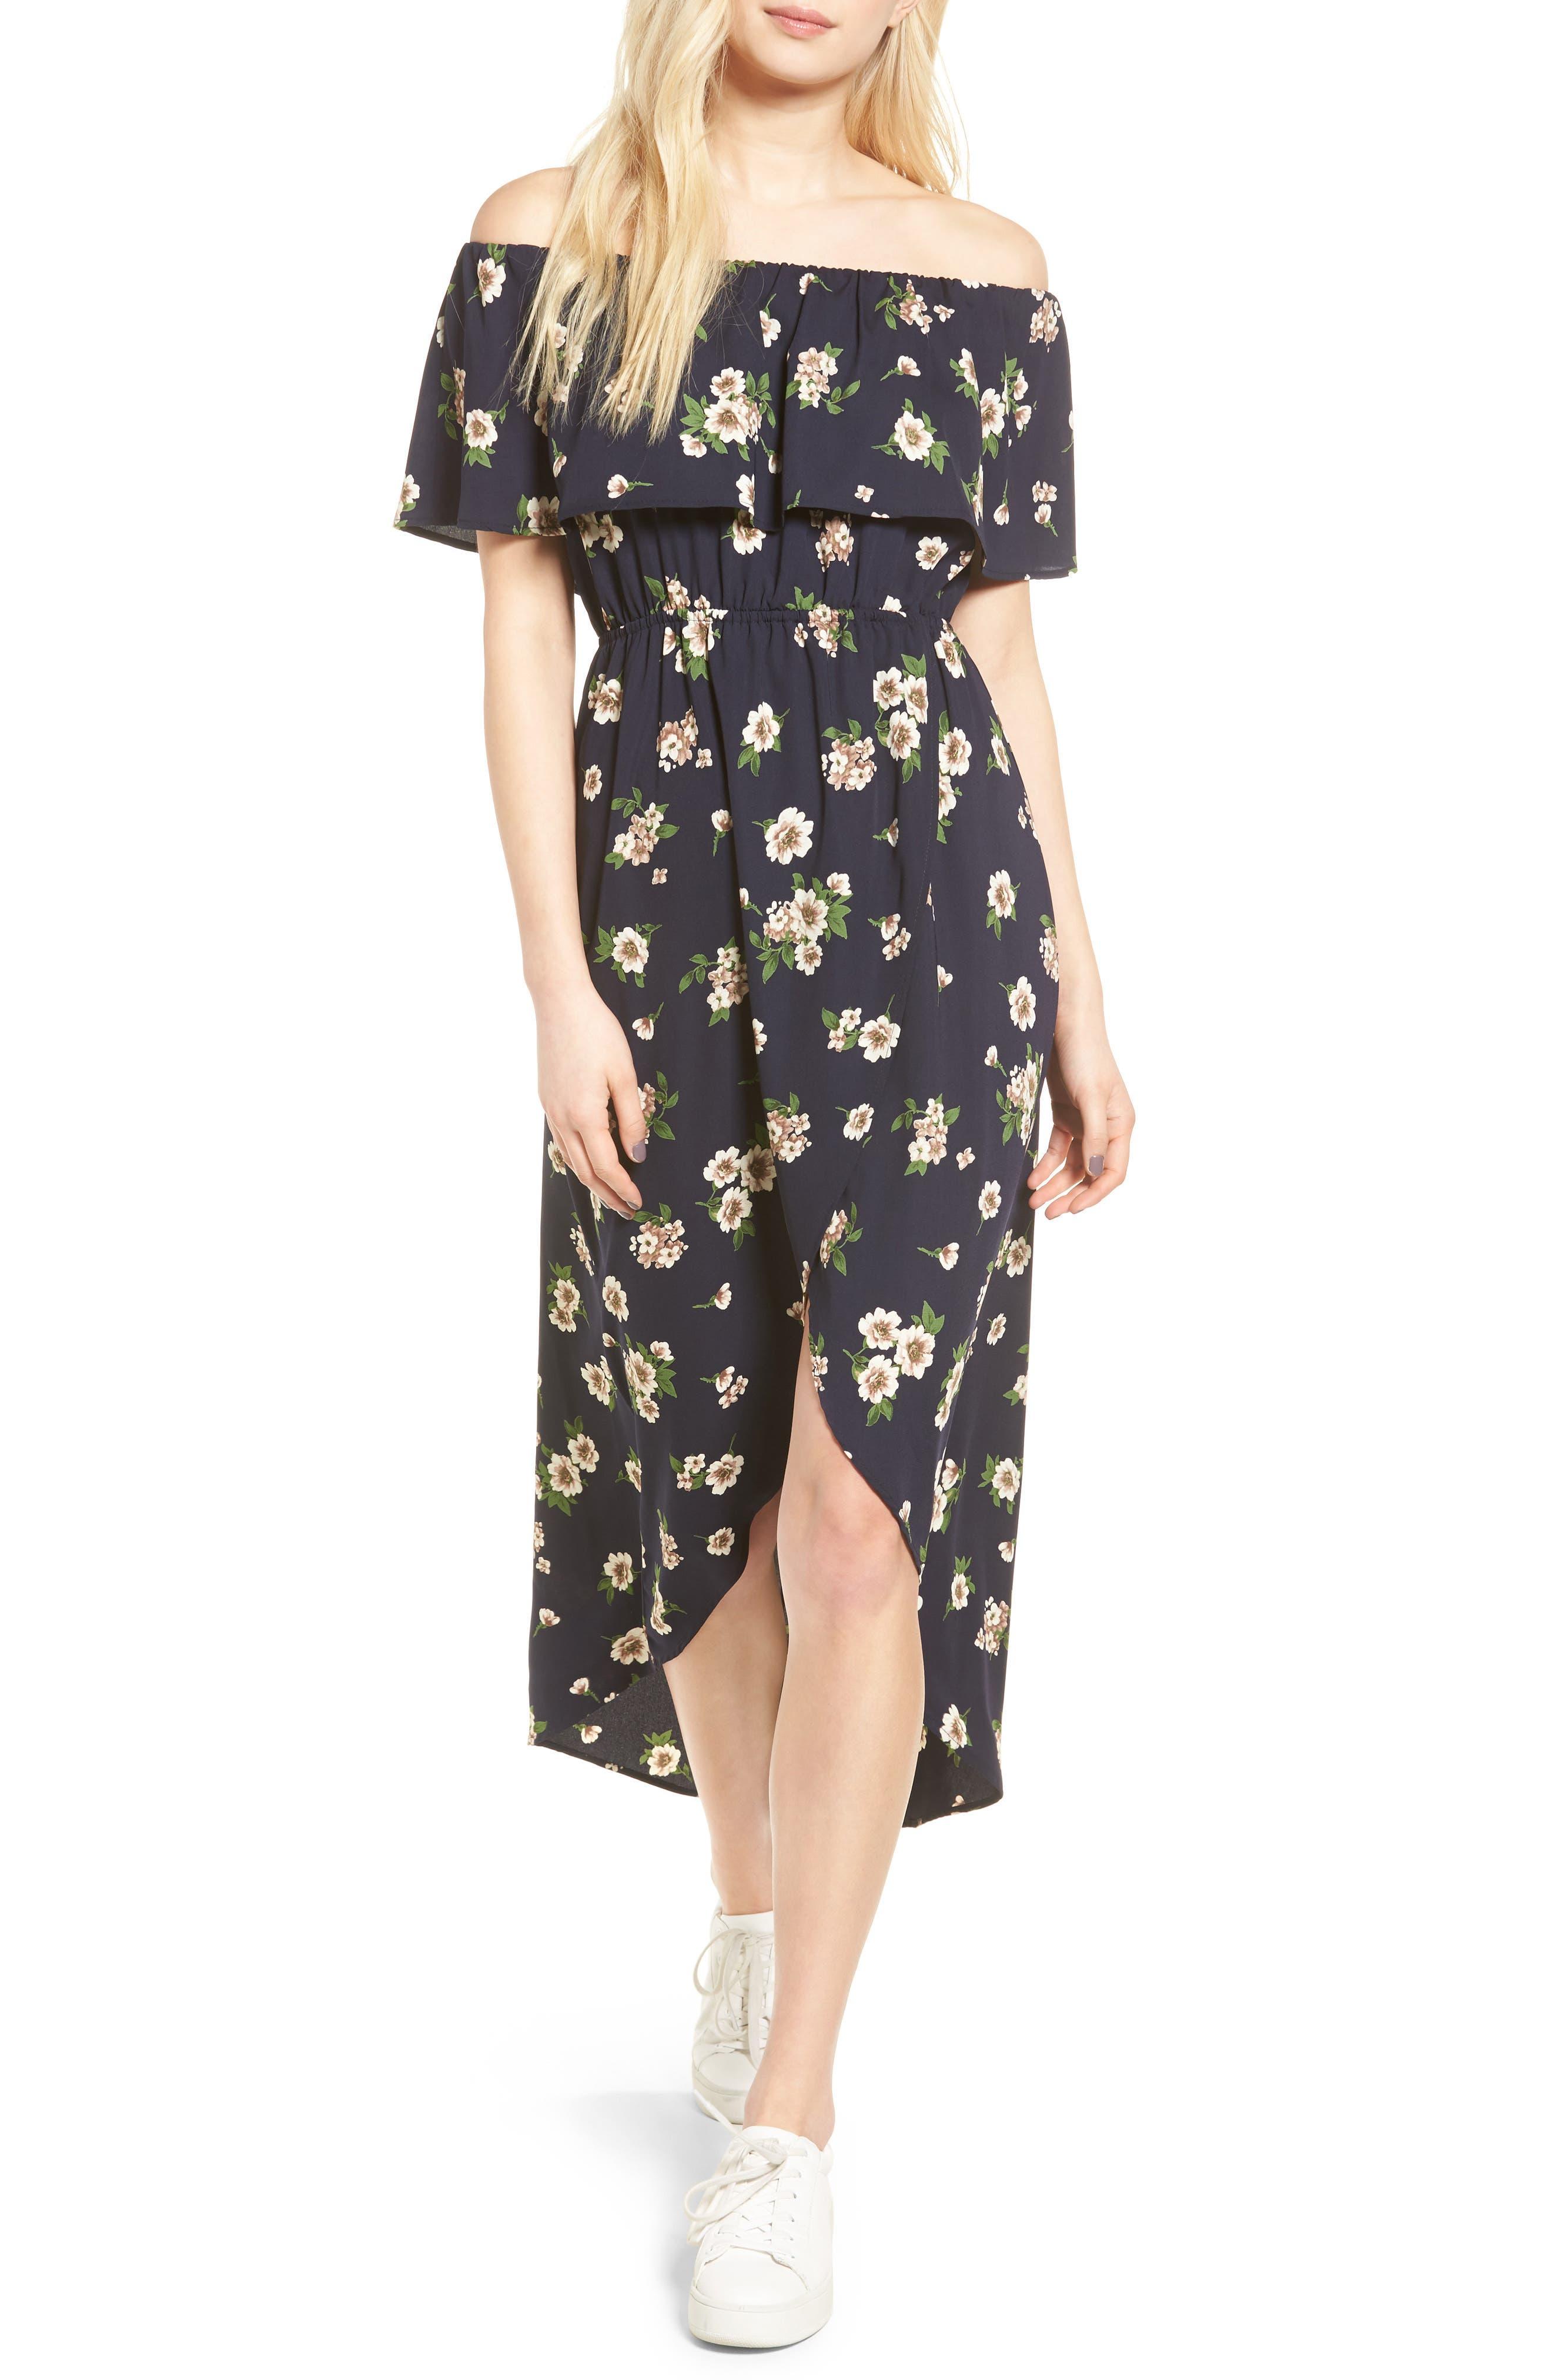 Alternate Image 1 Selected - Soprano Floral Print Off the Shoulder Dress